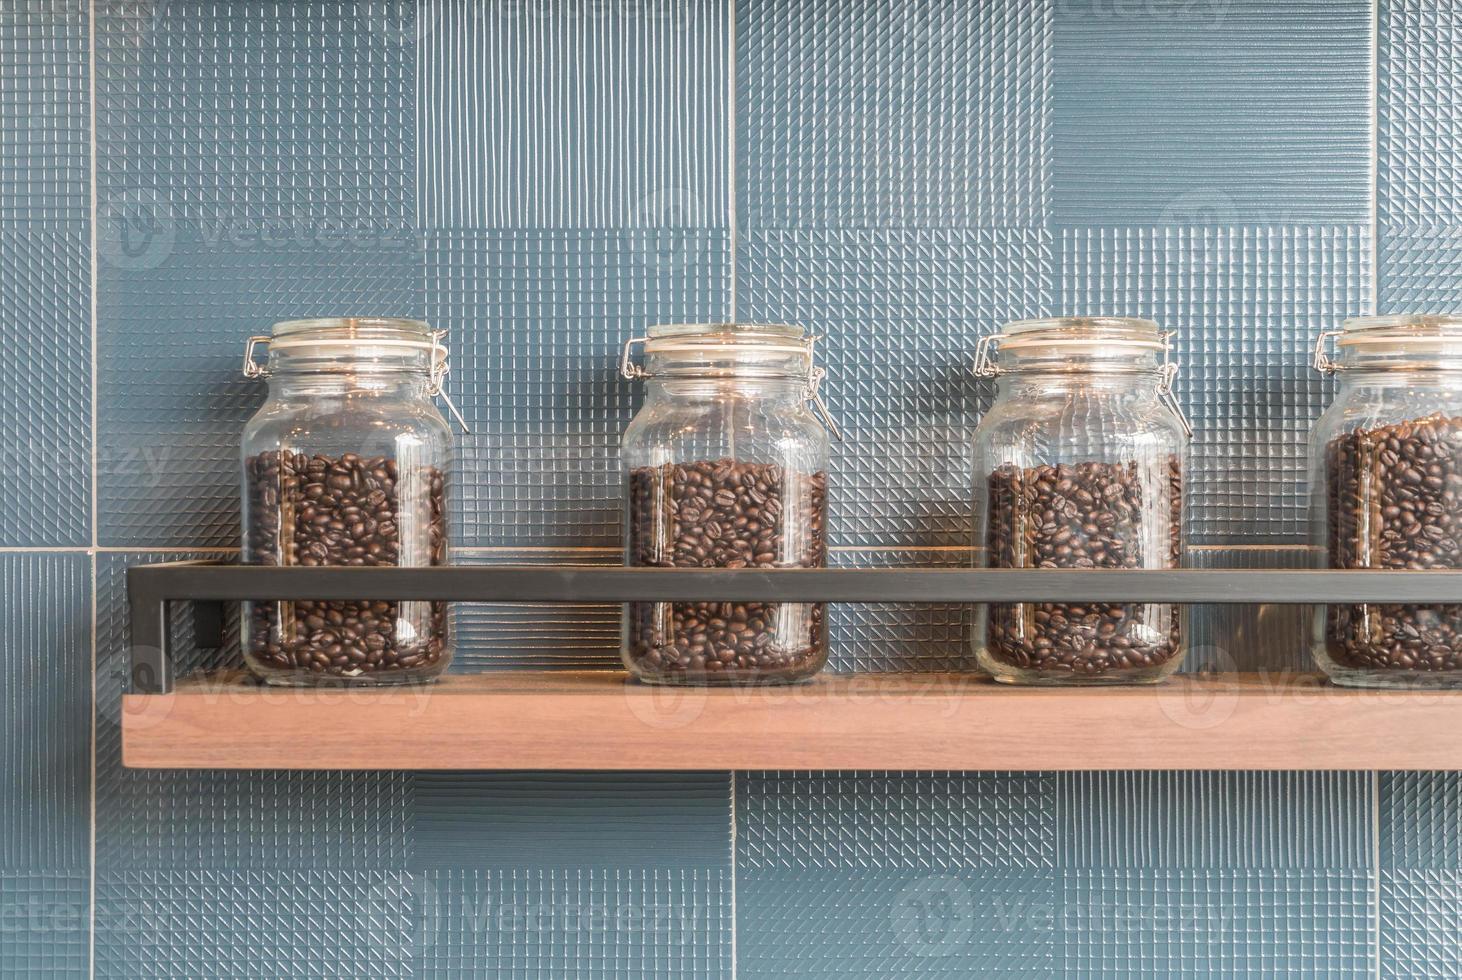 grano de café en botella en el estante foto